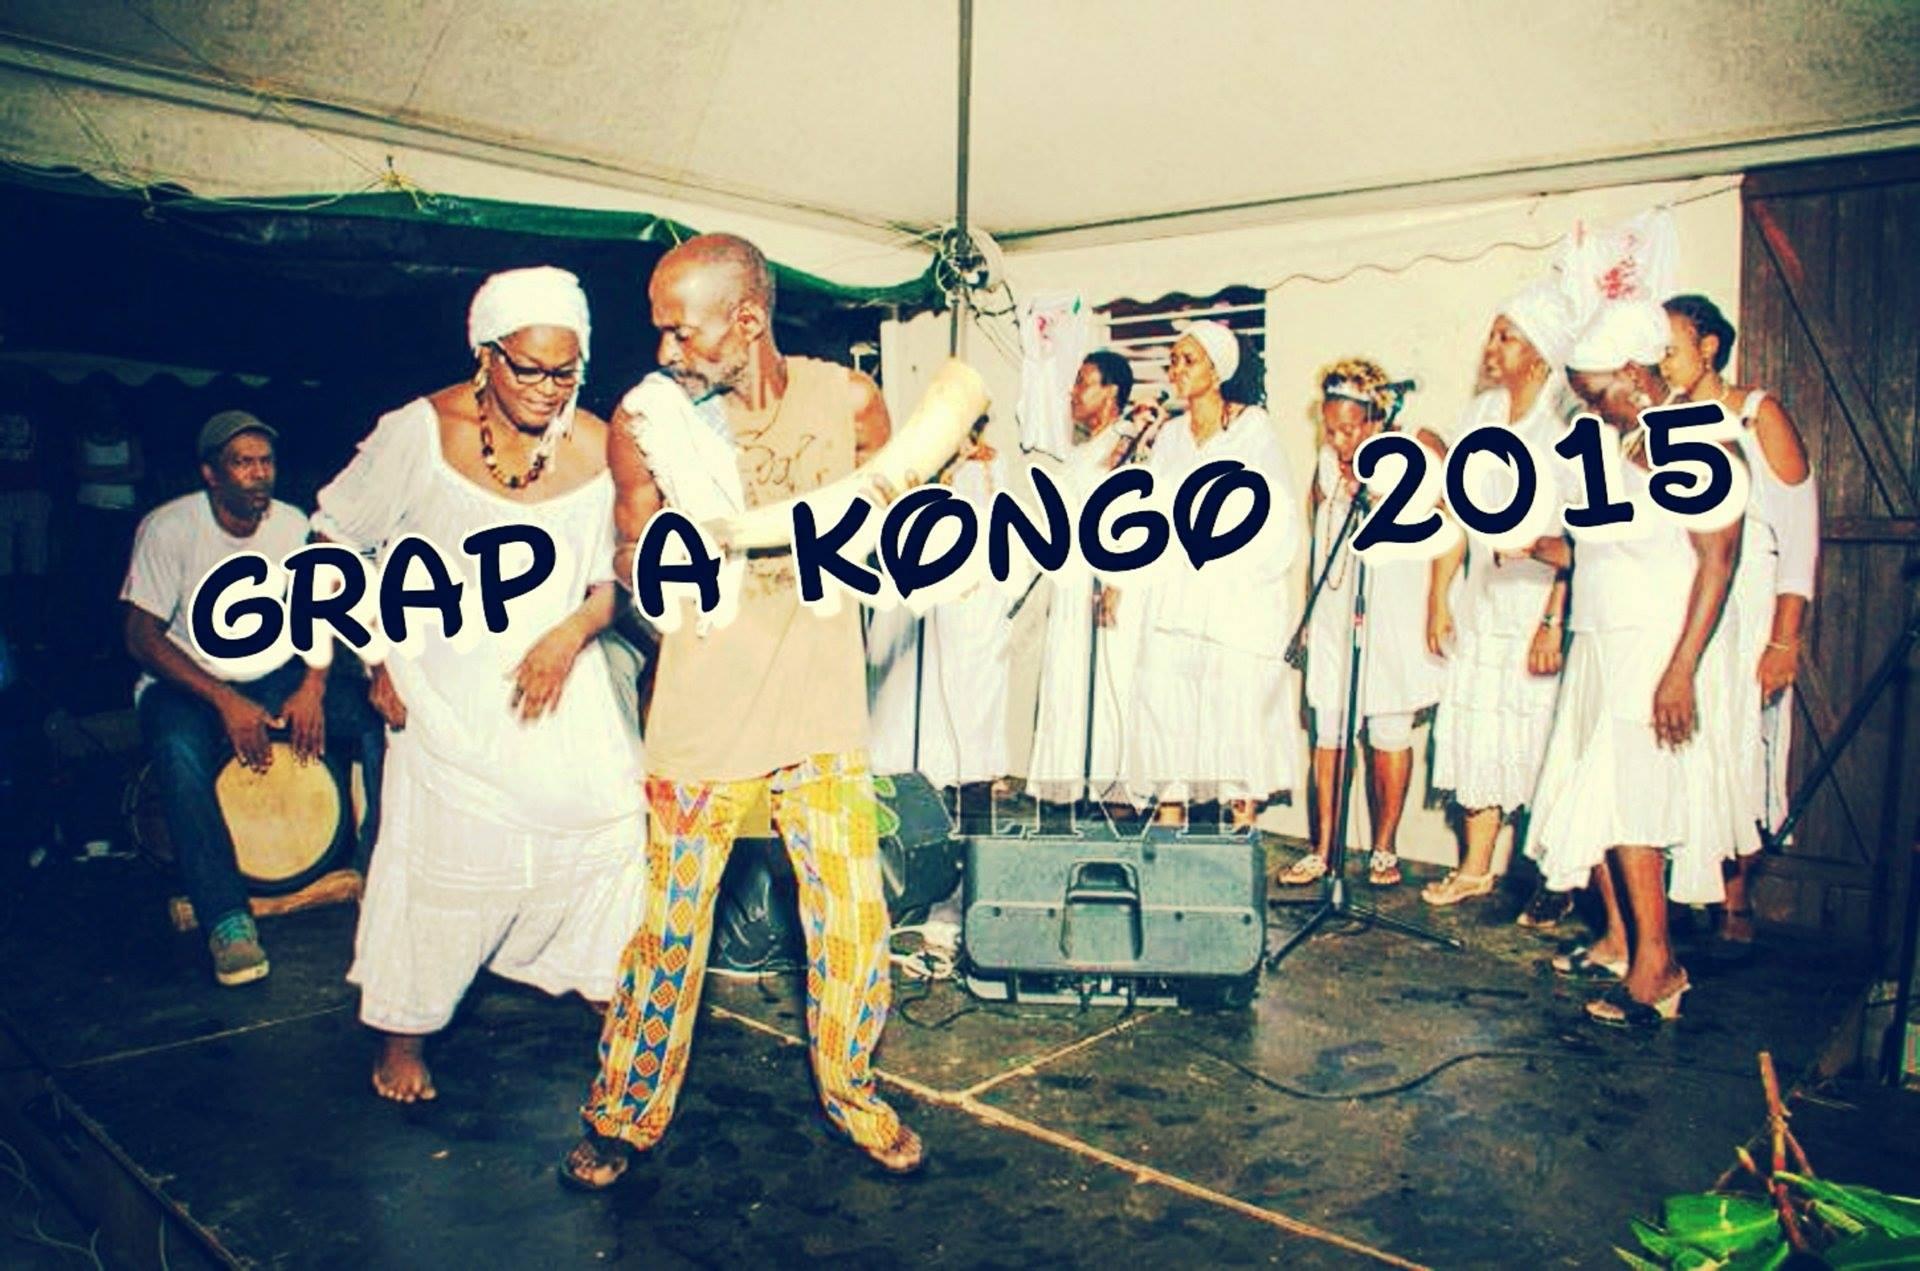 Cérémonie Grap a Kongo perpétuée par la famille Massembo de Guadeloupe